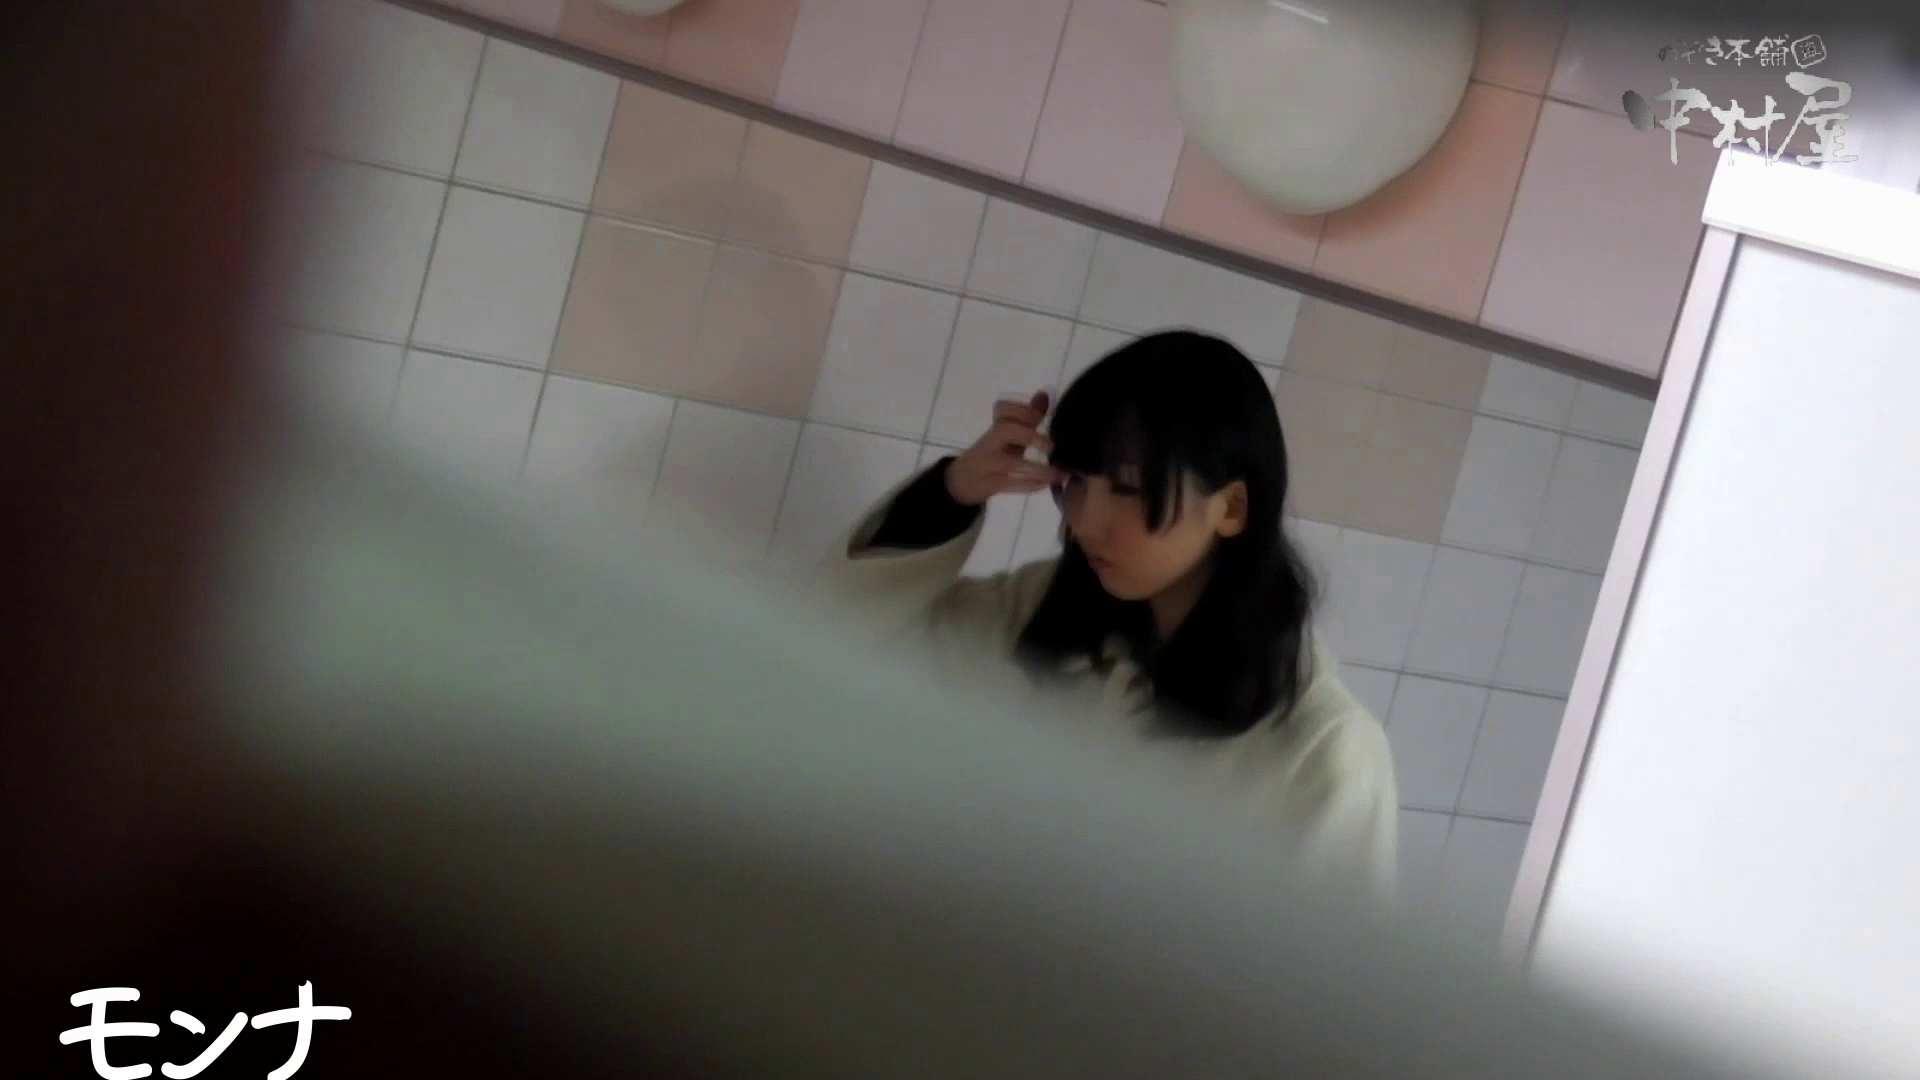 美しい日本の未来 No.52 顔とのギャップが!!清楚な顔の子はボウボウ 盗撮シリーズ | おまんこ見放題  102PIX 23